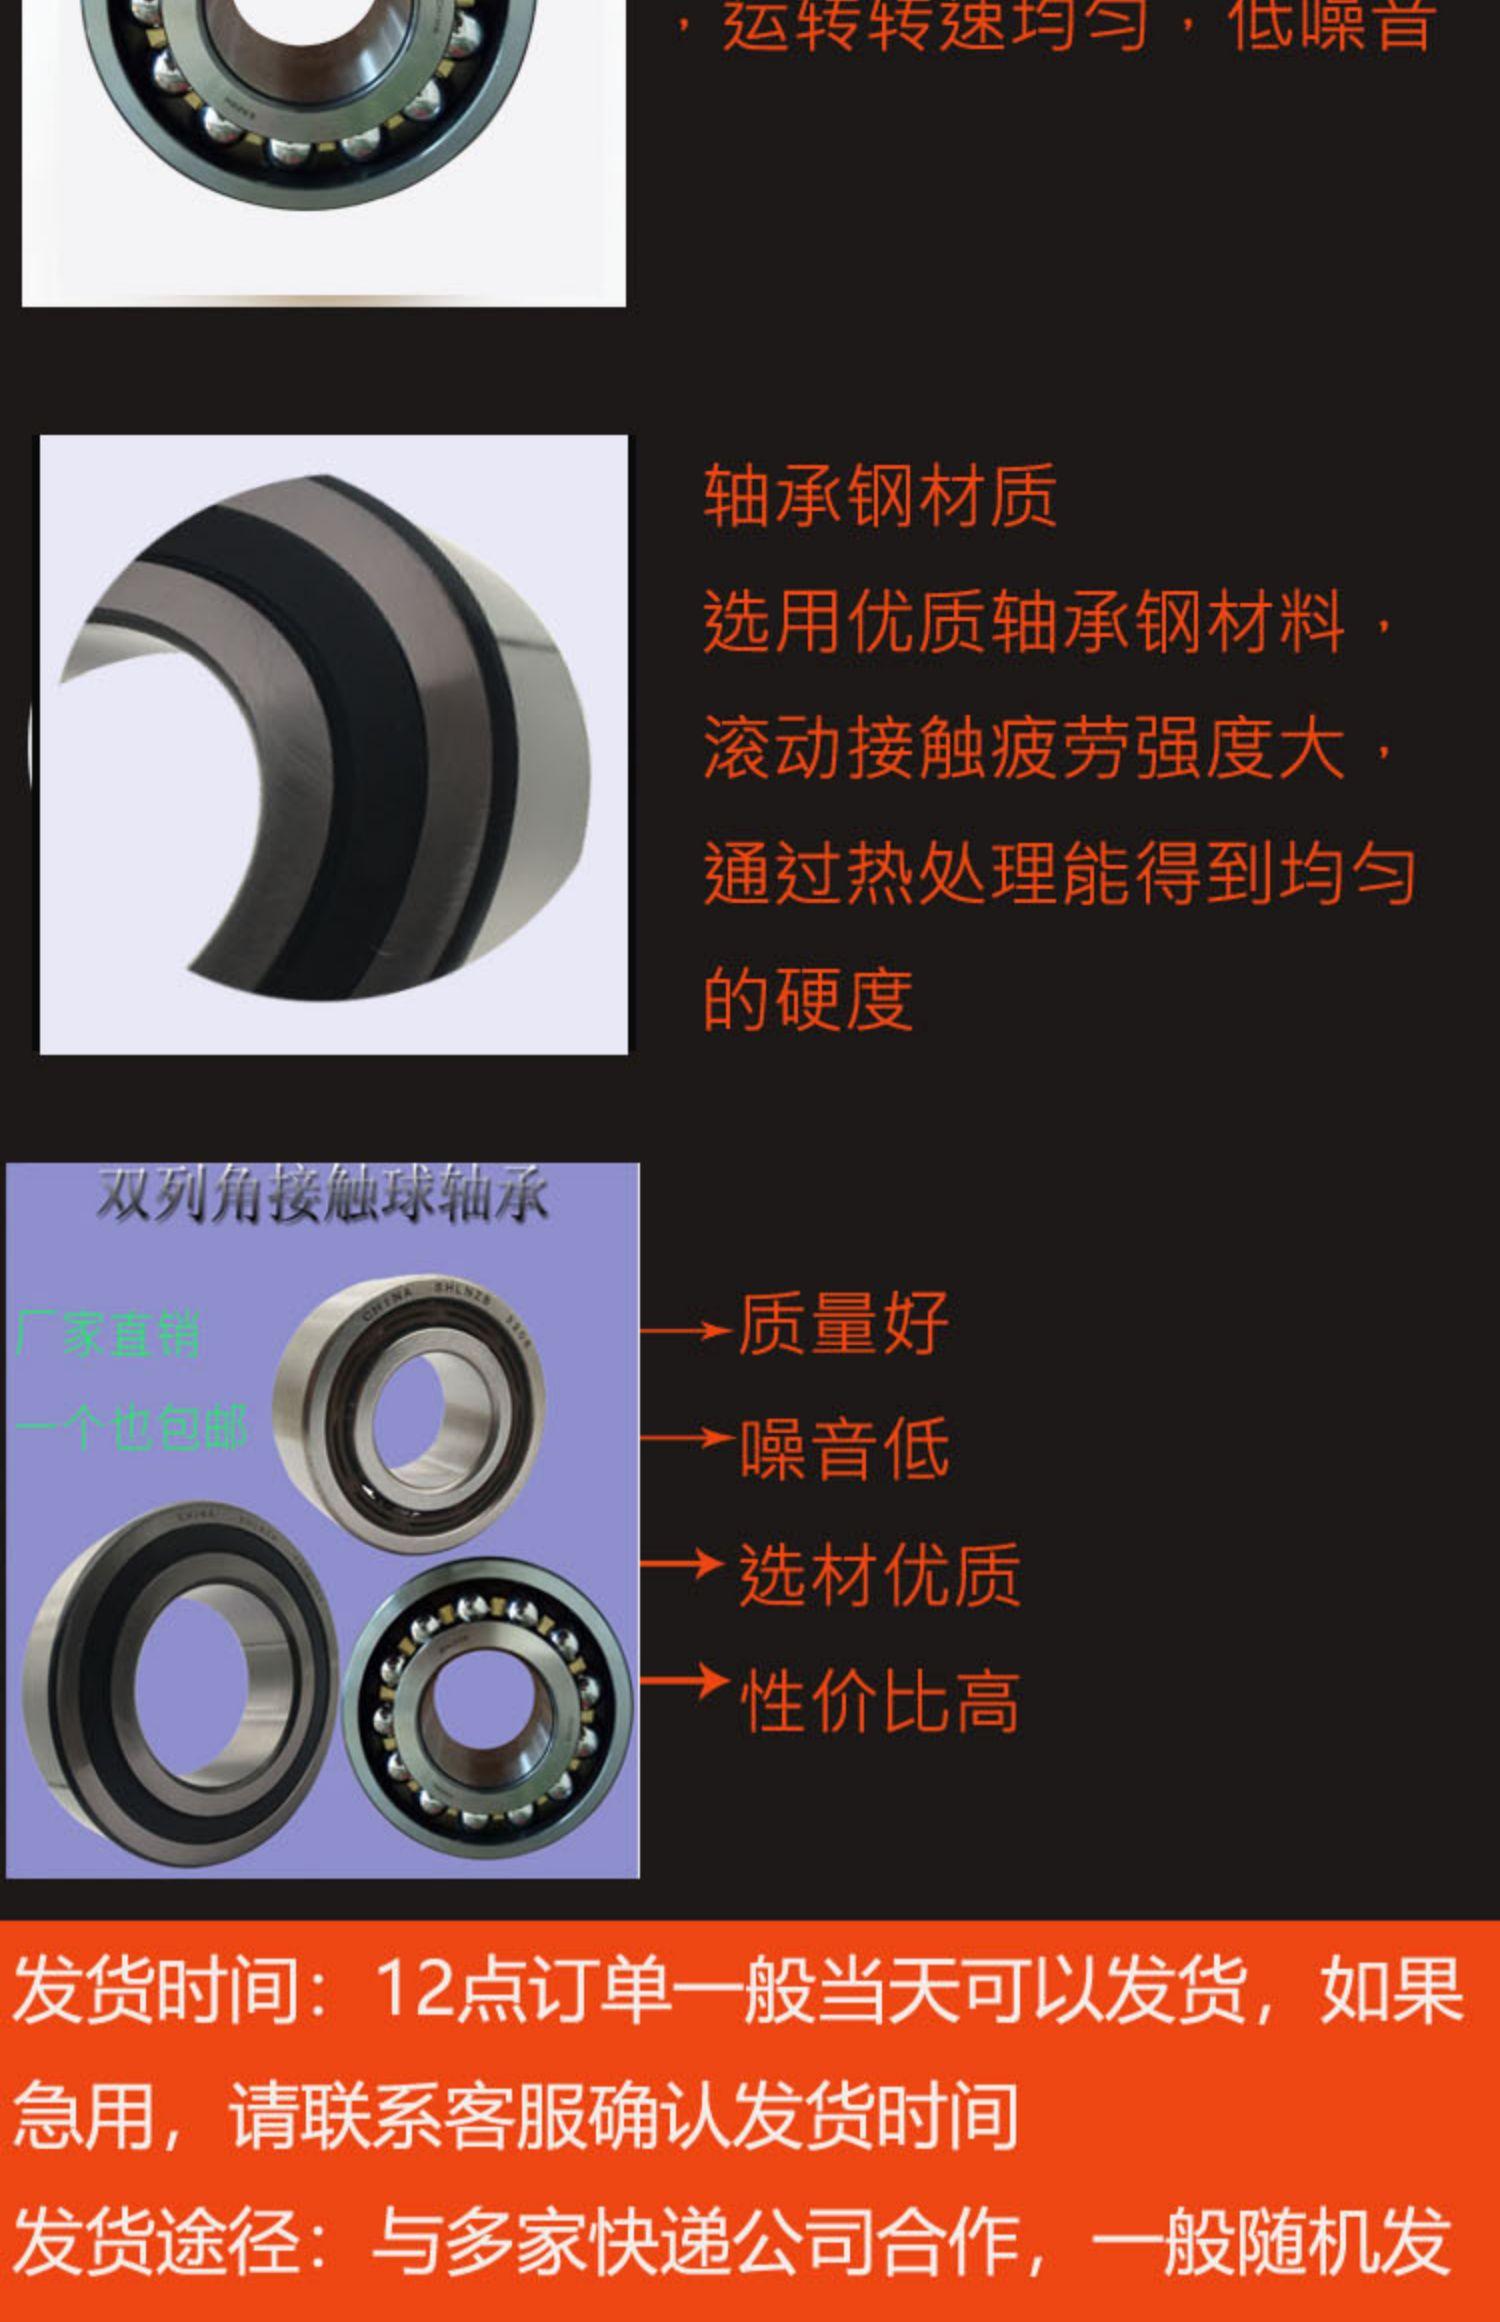 双列角接触球轴承5217 3217 ATN 2RS ZZ M 尺寸:85*150*49.2mm商品详情图